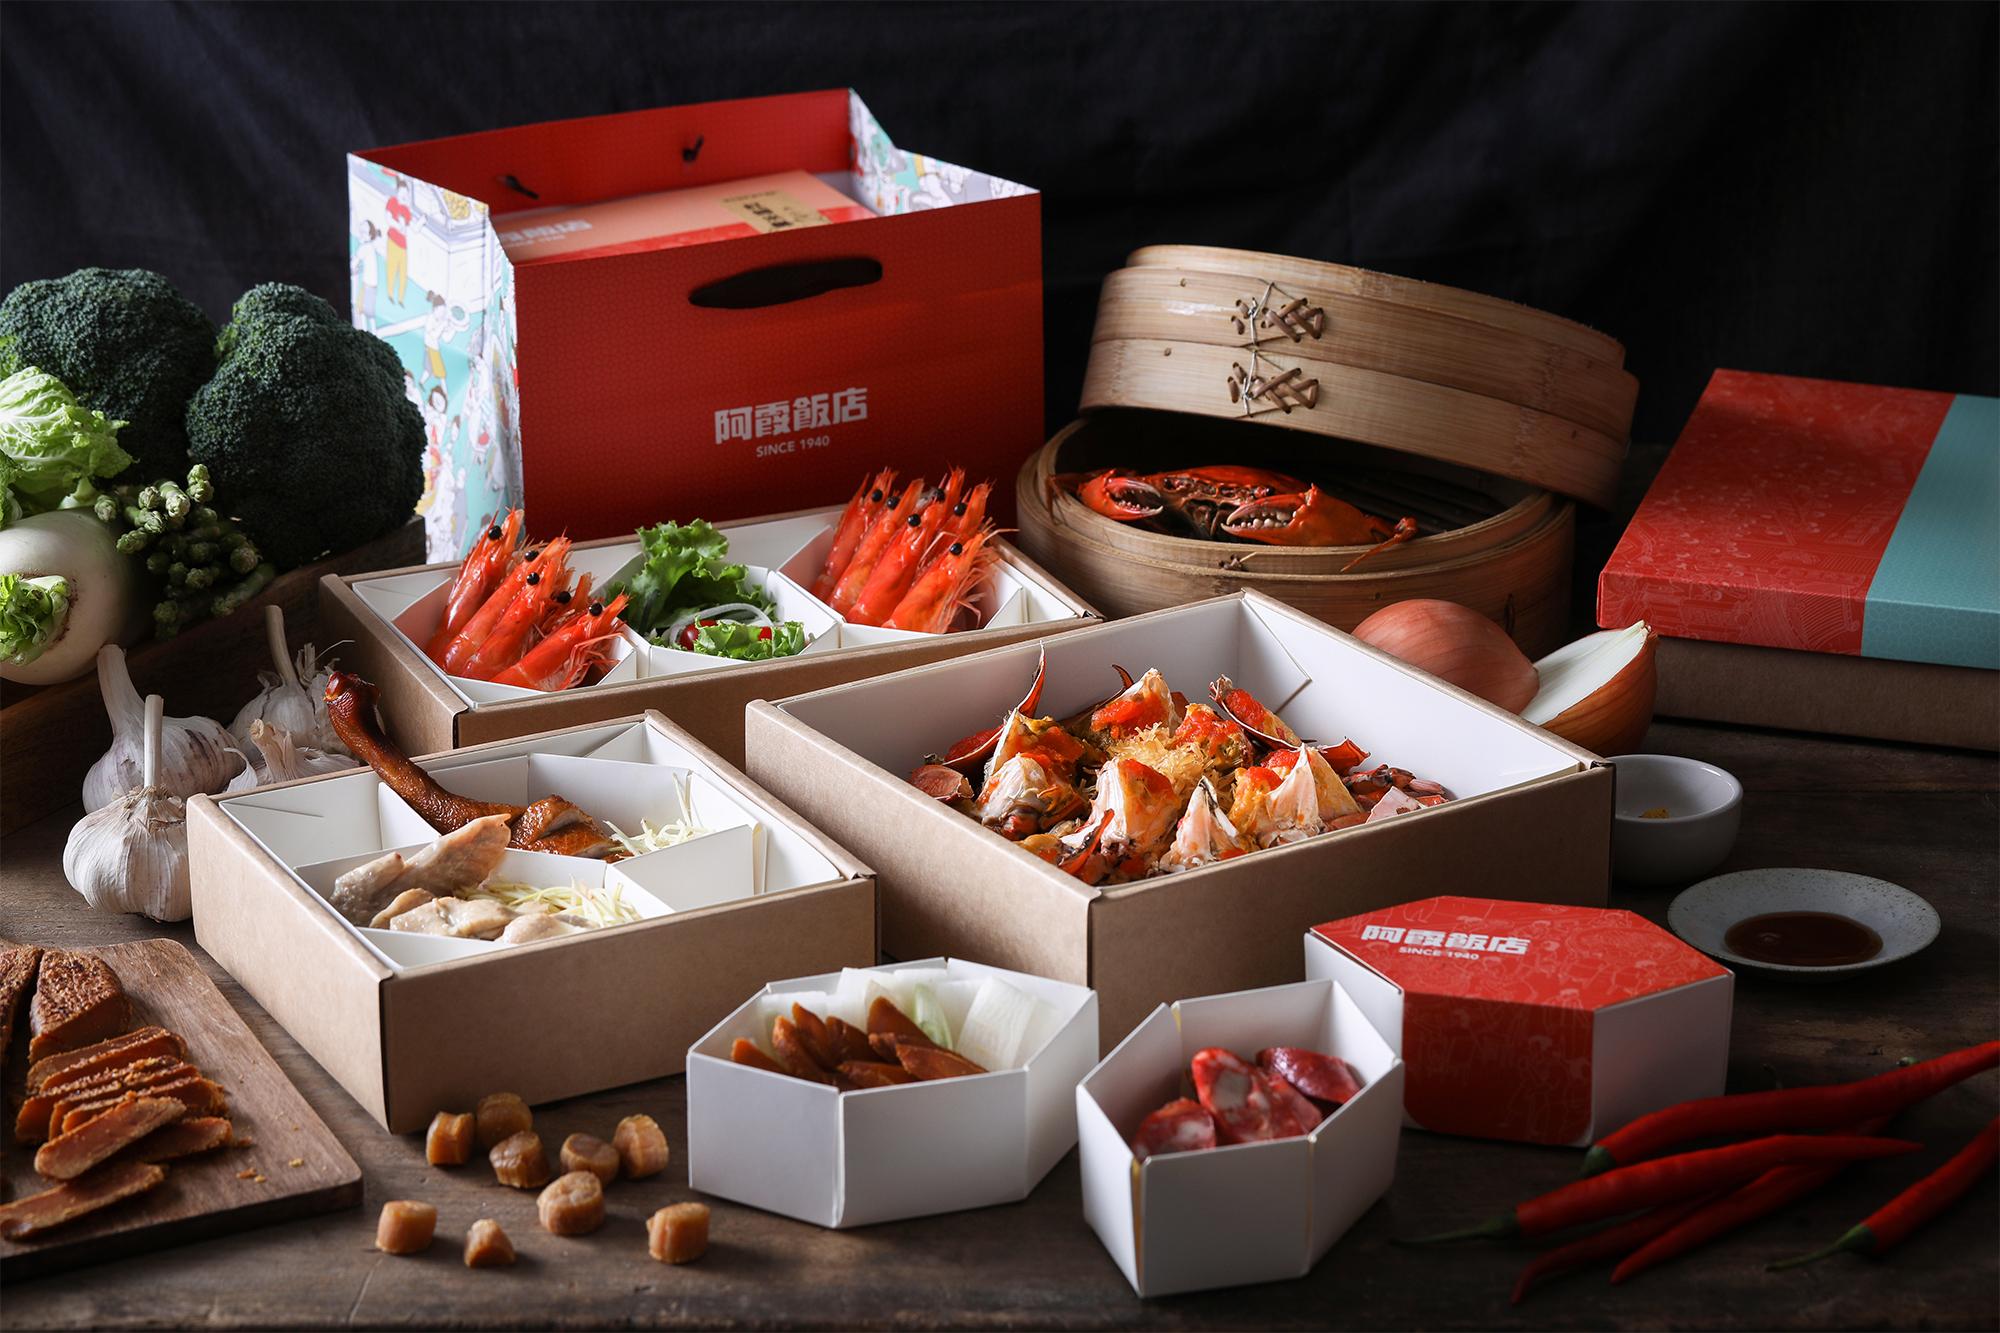 新版包装带来的成本与人工增加,吴孝儒认为是改造品牌必需面对的观念改变。